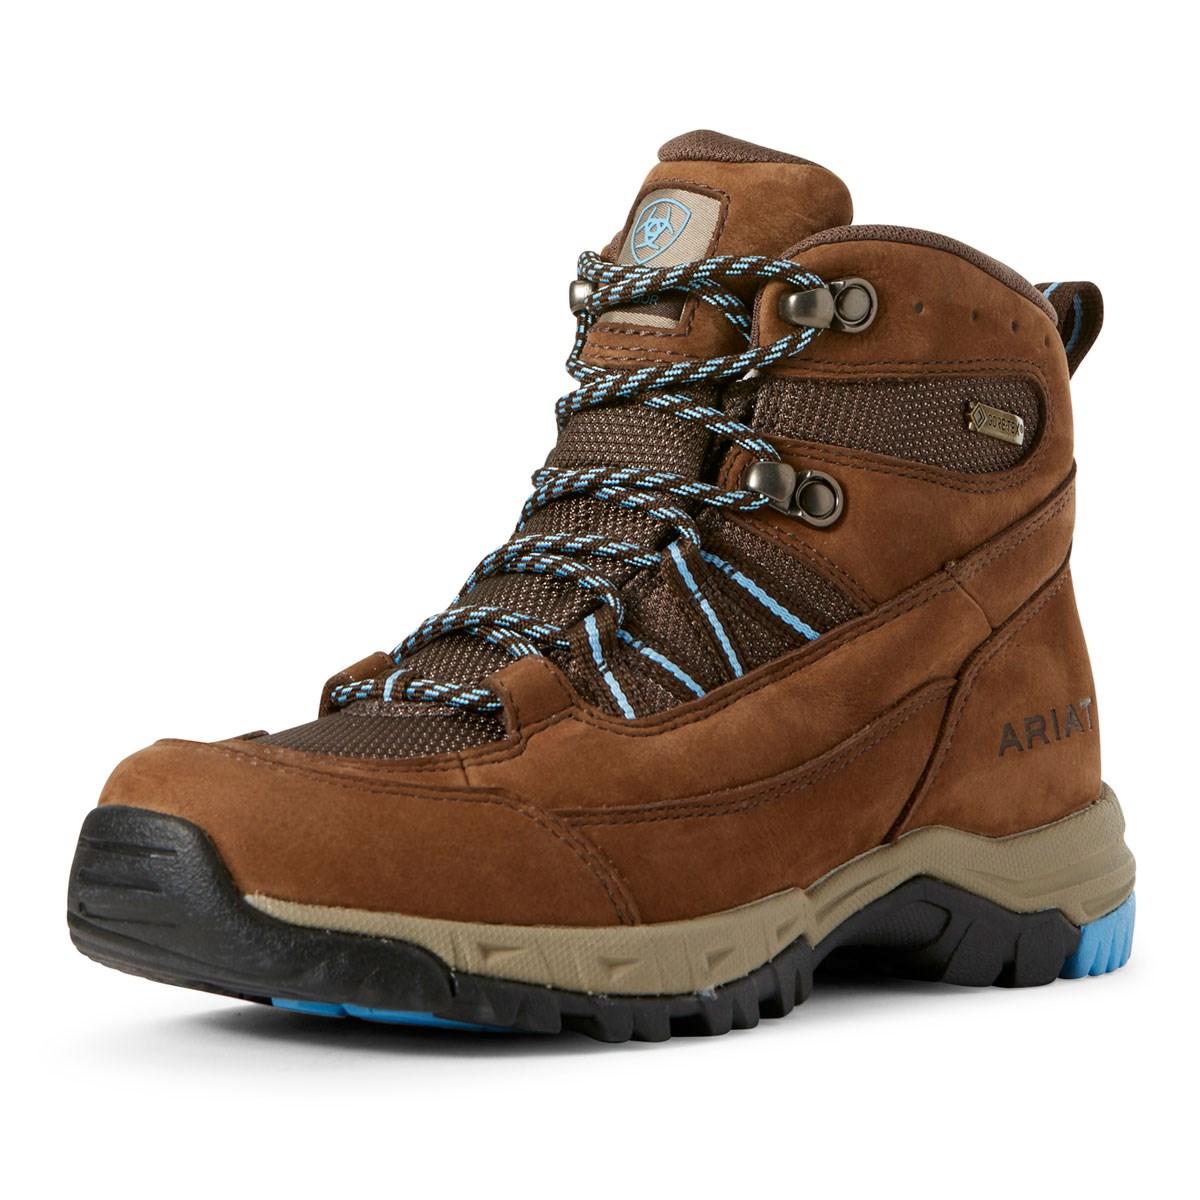 563af6e9df7 Ariat Skyline Summit GTX Ladies Boots - Acorn Brown